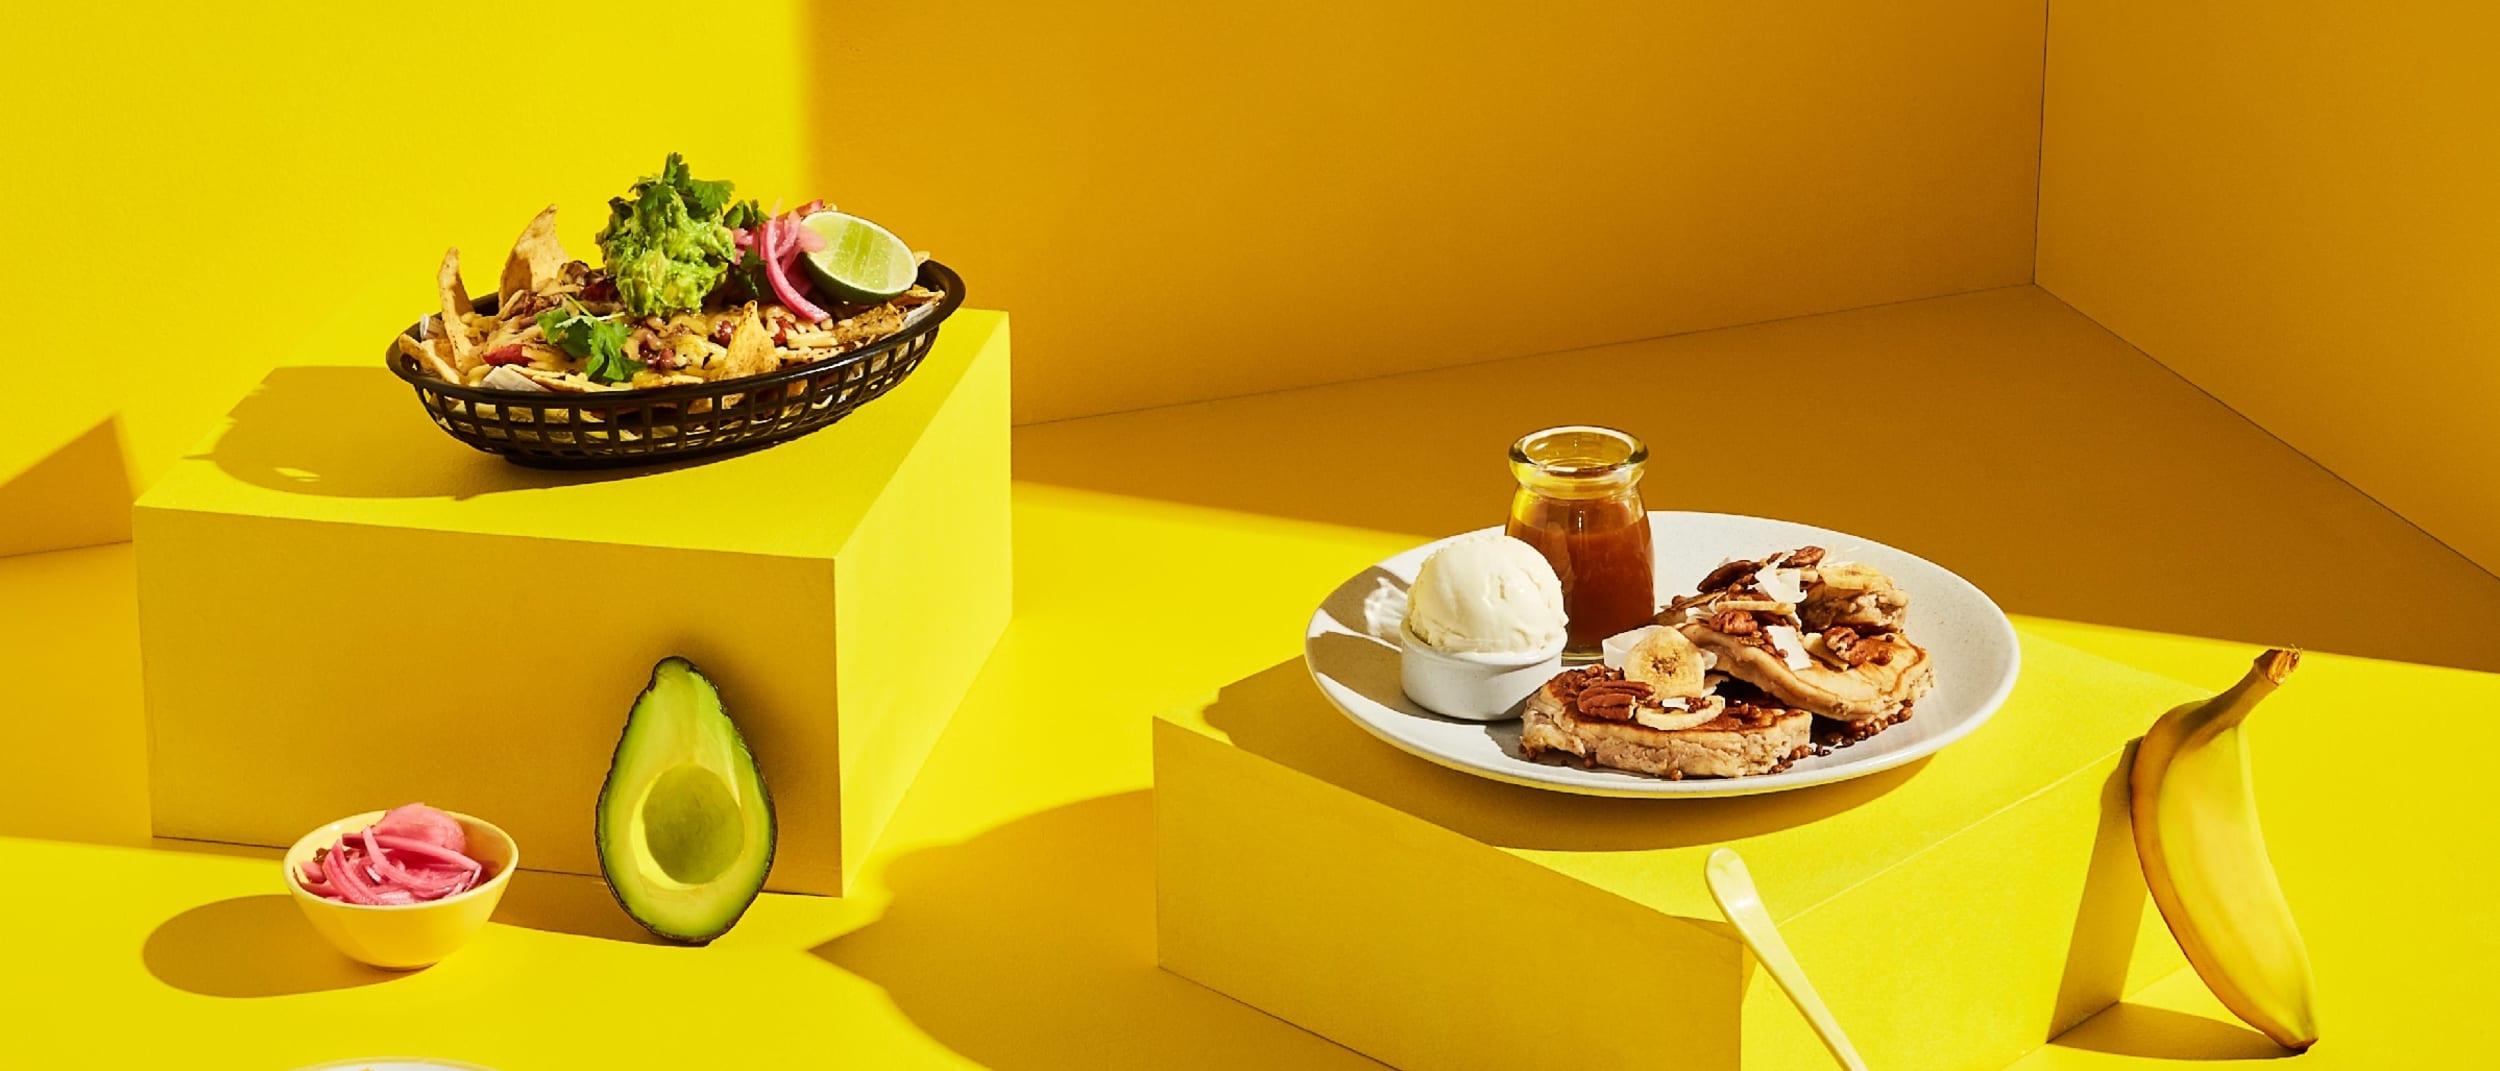 Jamaica Blue: Summer stunners menu launch